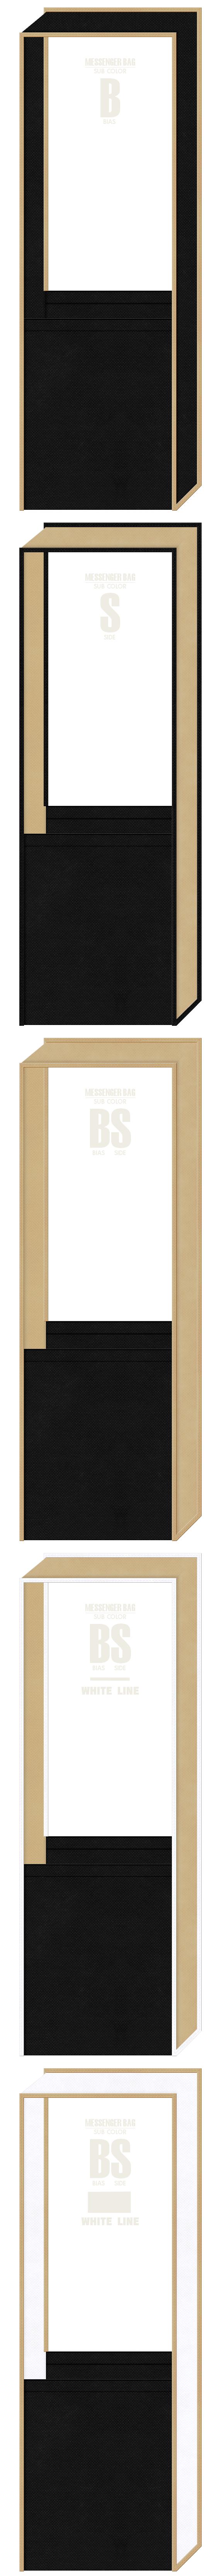 不織布メッセンジャーバッグのカラーシミュレーション(黒色・カーキ色・白色)